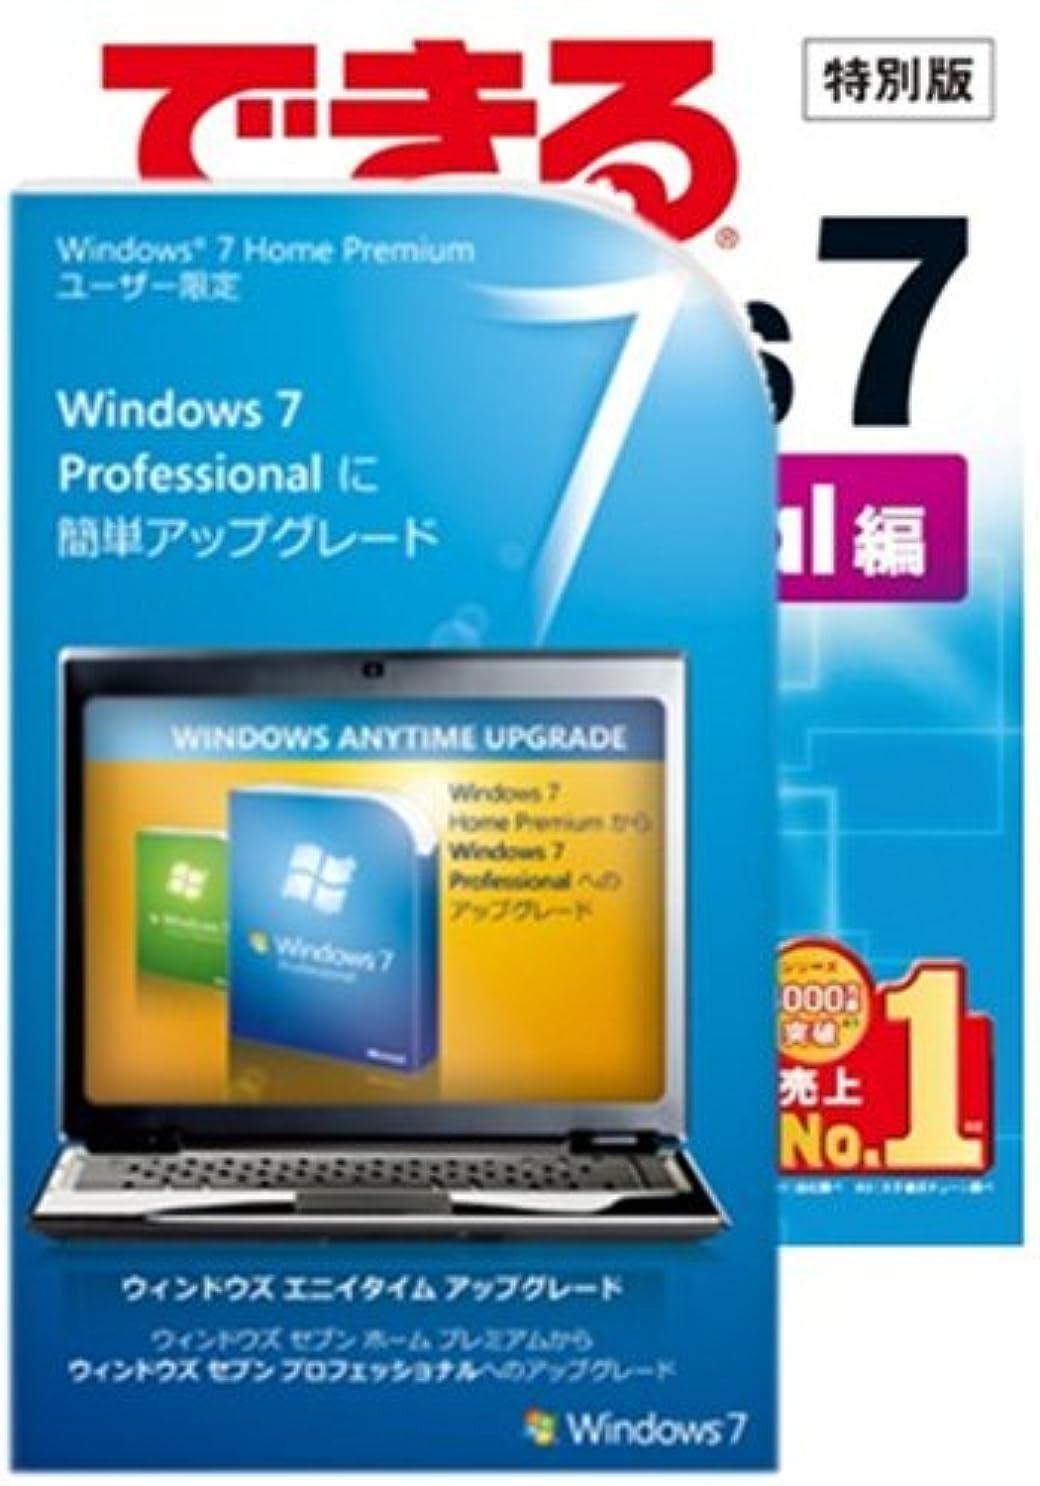 踊り子伝染性荒廃するWindows Anytime Upgrade パック(J)Home Premium から Professional 書籍同梱限定版